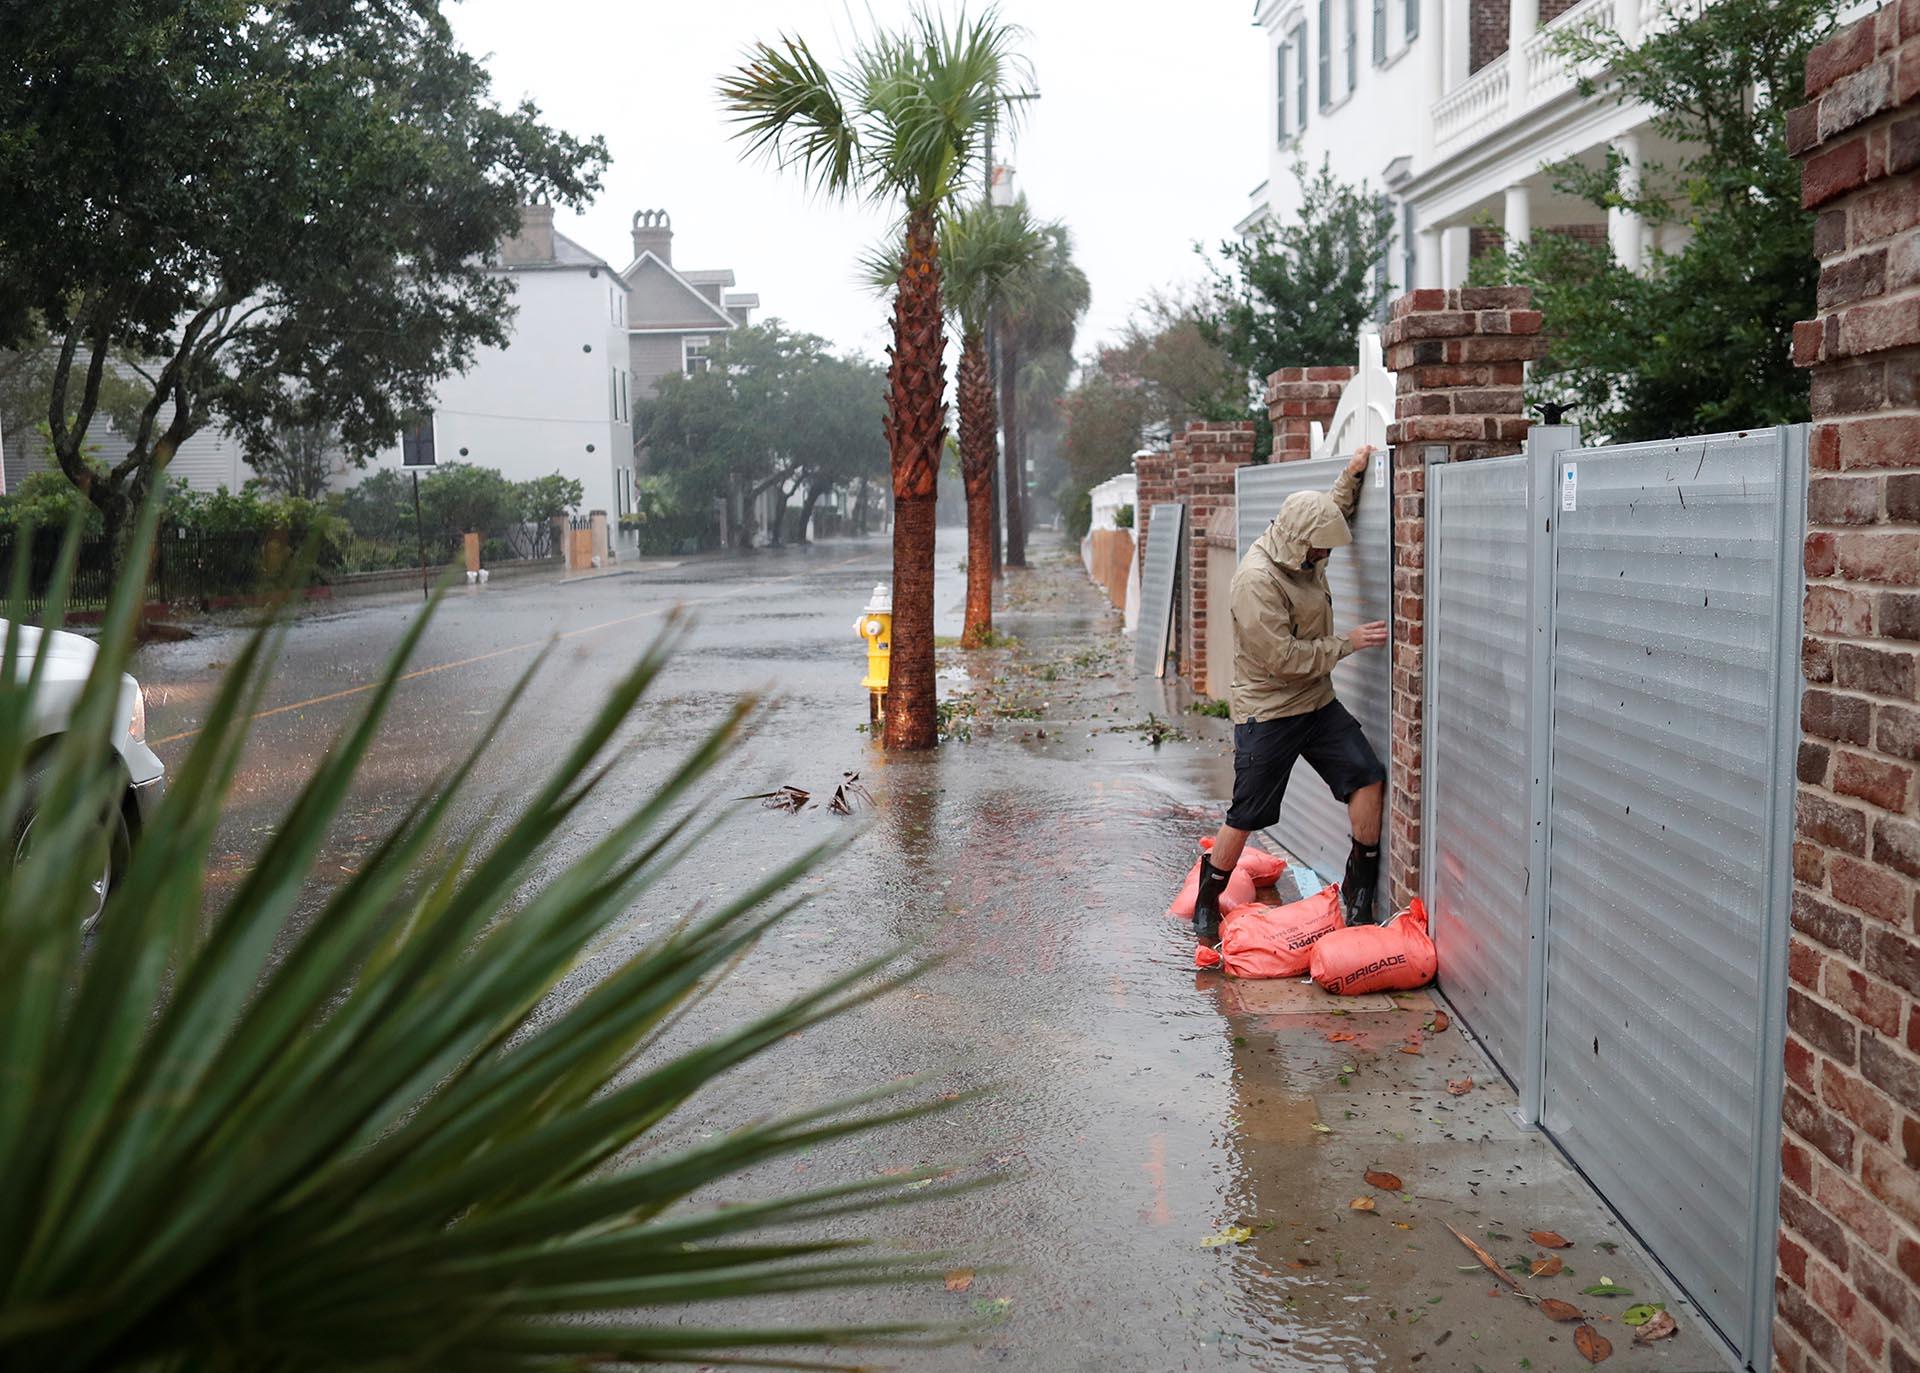 Brys Stephens intenta instalar una puerta de metal enSouth Battery mientras el huracán Dorian selanza sobre Charleston, Carolina del Sur